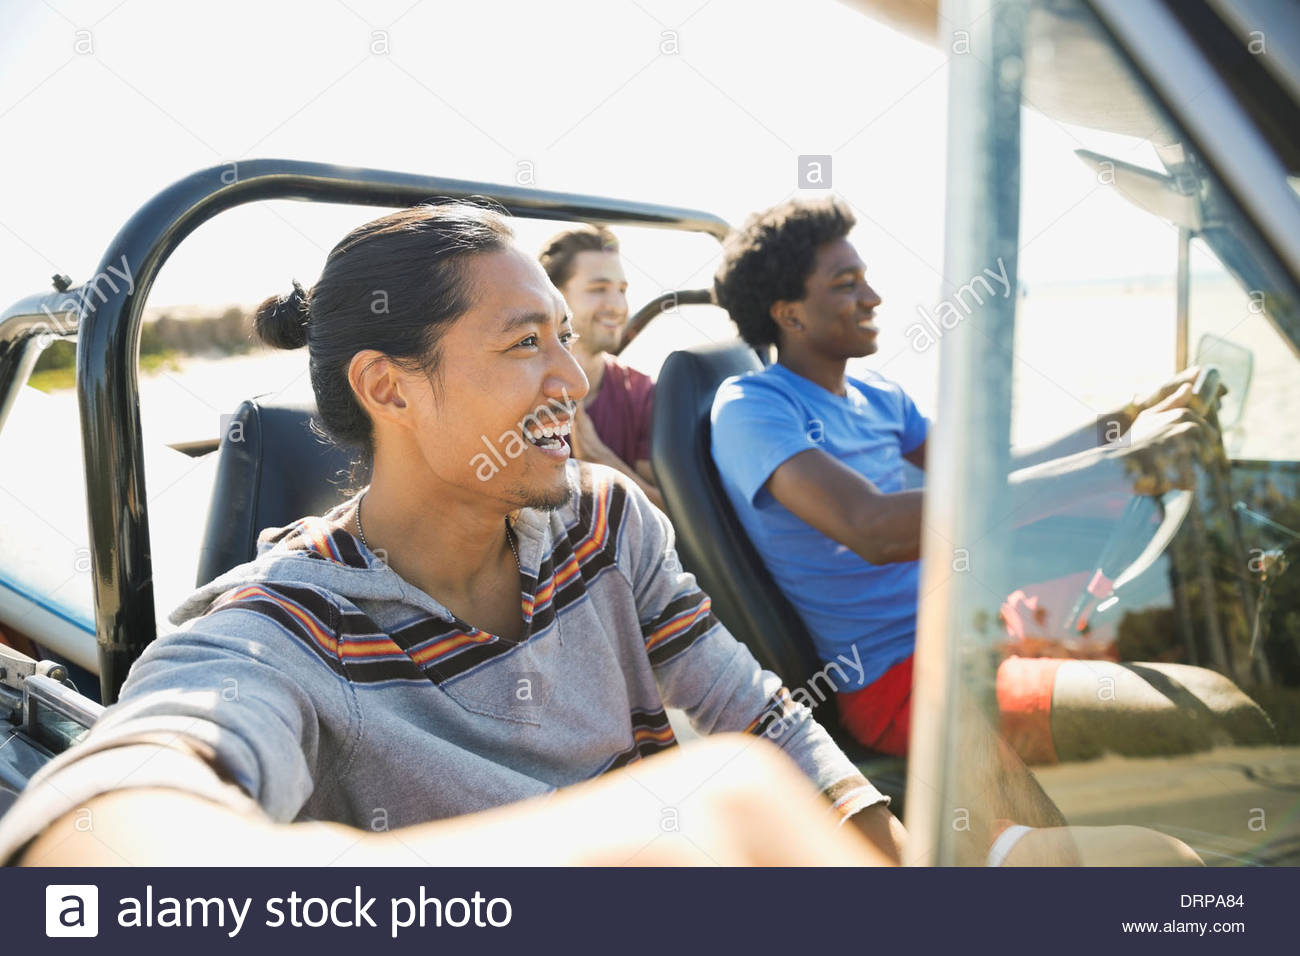 Amigos varones disfrutando Road Trip. Imagen De Stock